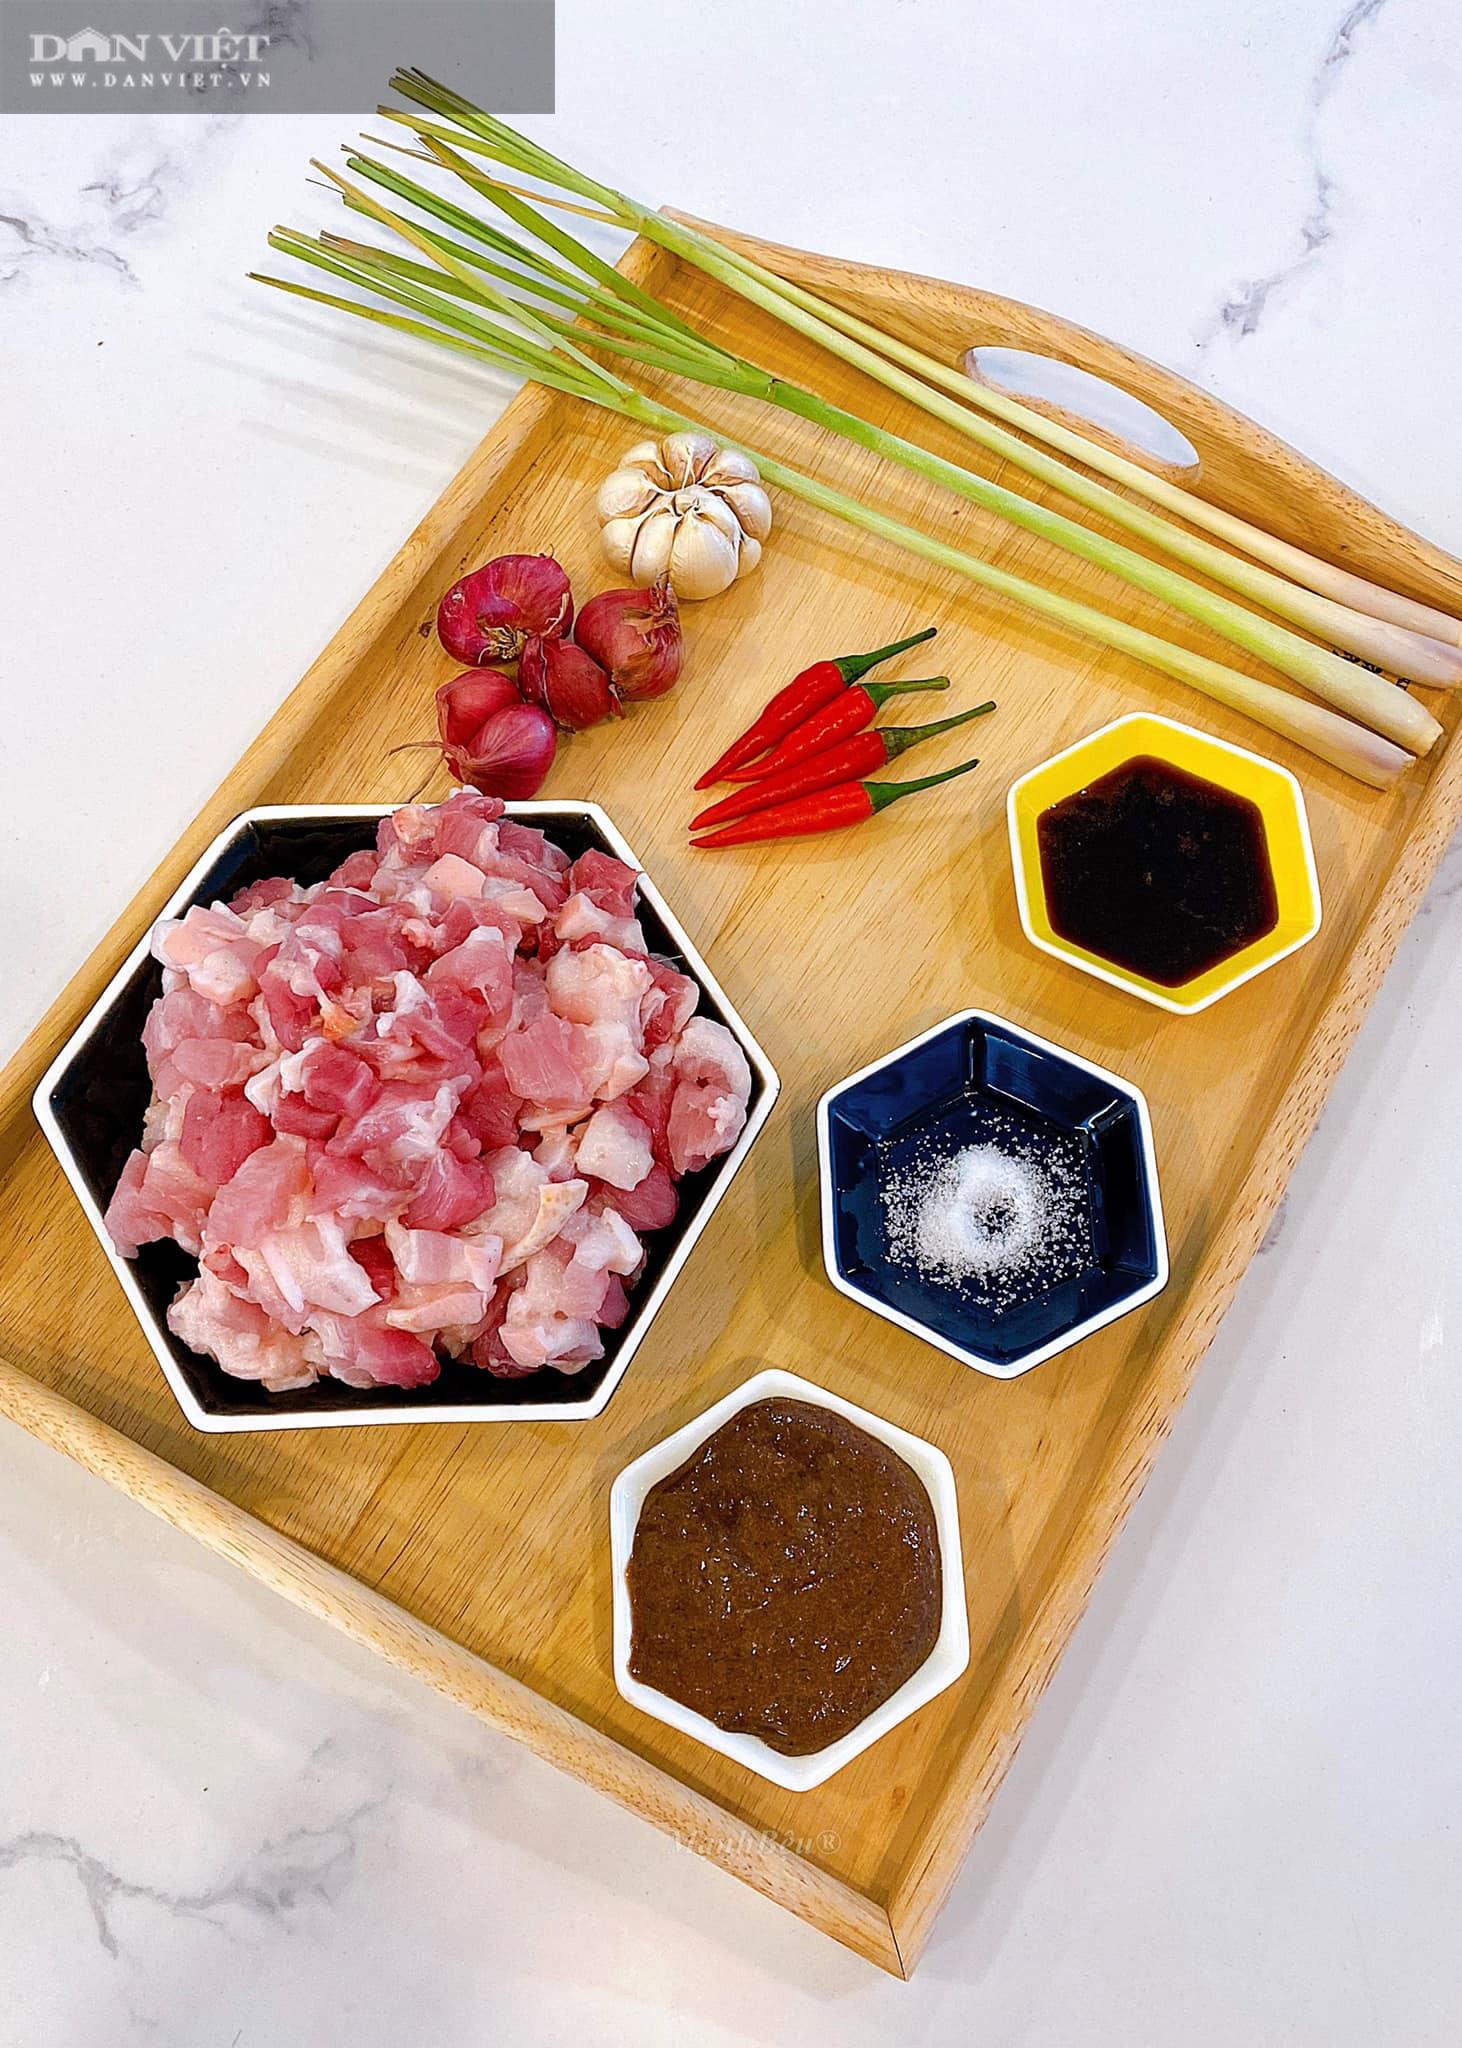 Cách làm món thịt ba rọi ruốc sả hấp dẫn đưa cơm - Ảnh 2.